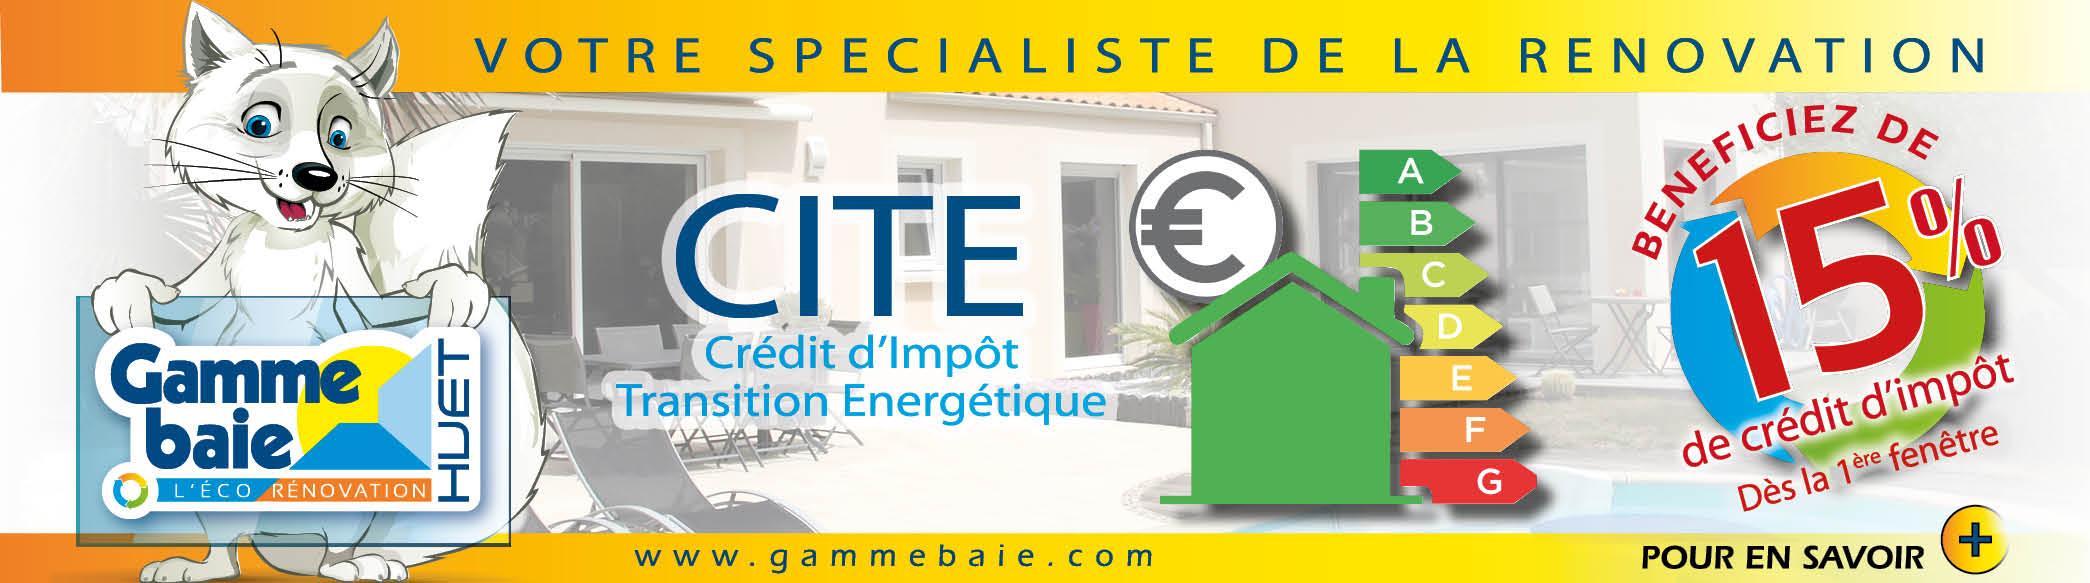 slides site gamme baie1